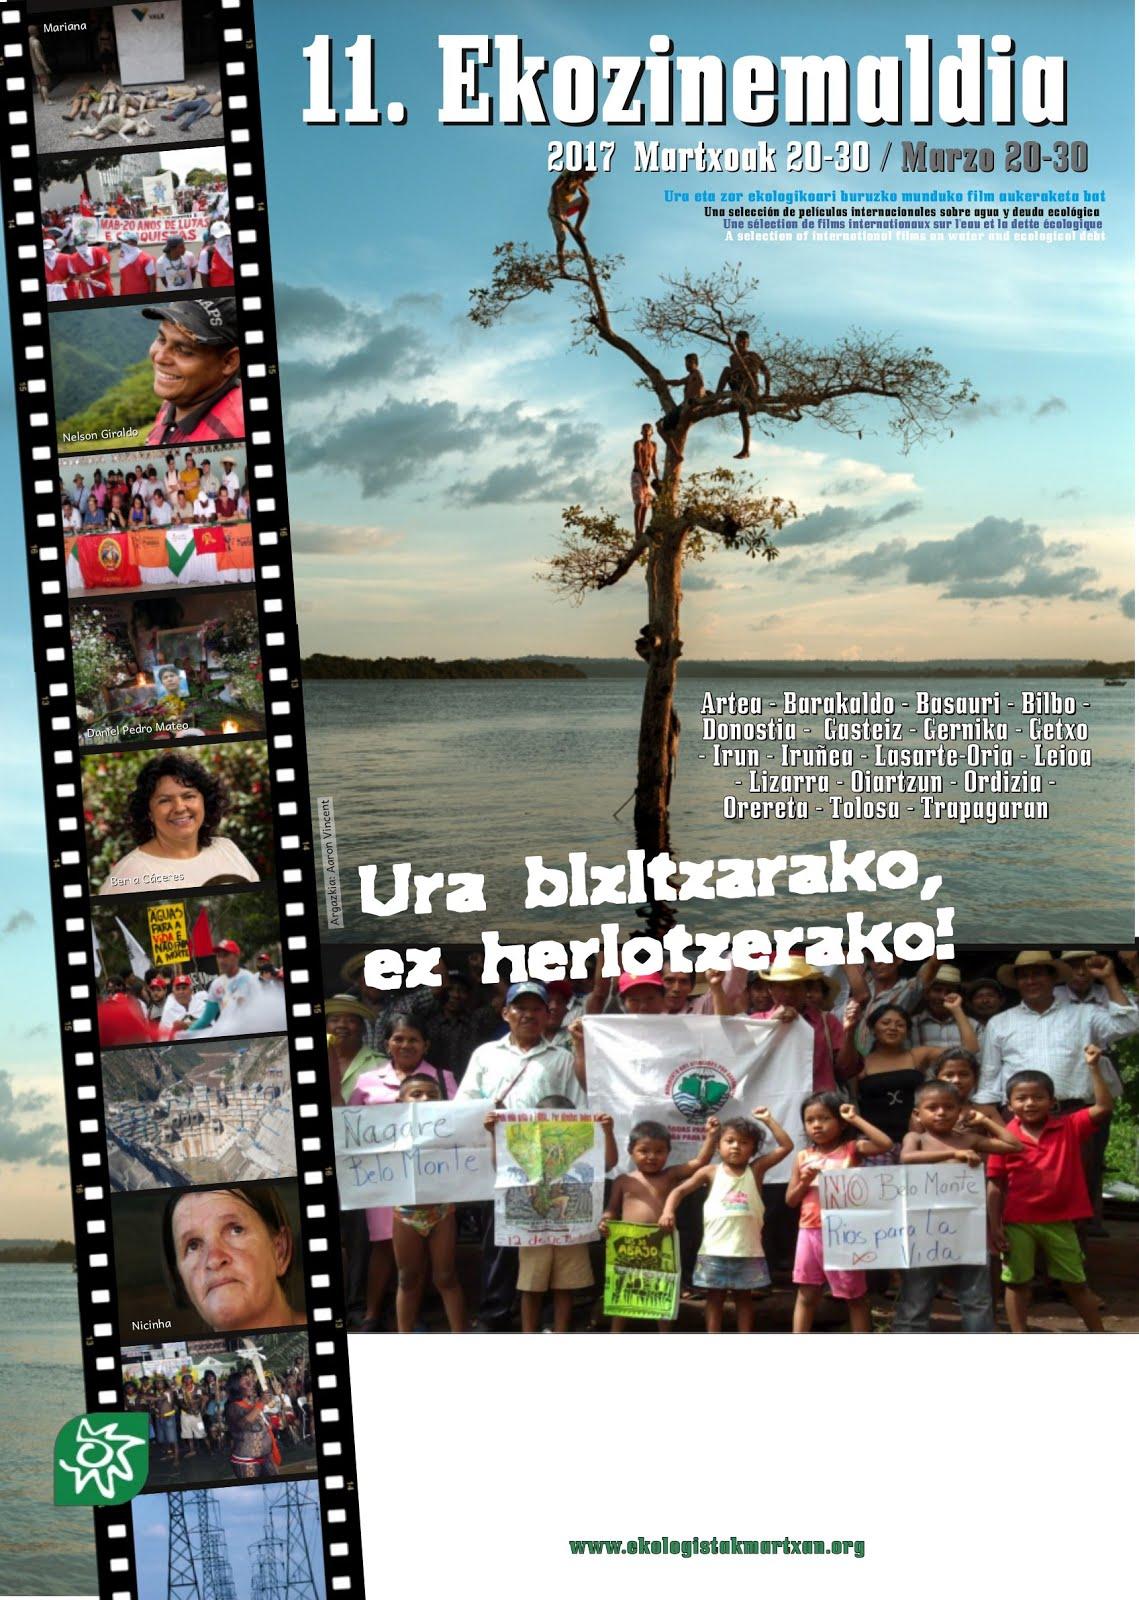 Ekozinemaldia 2017